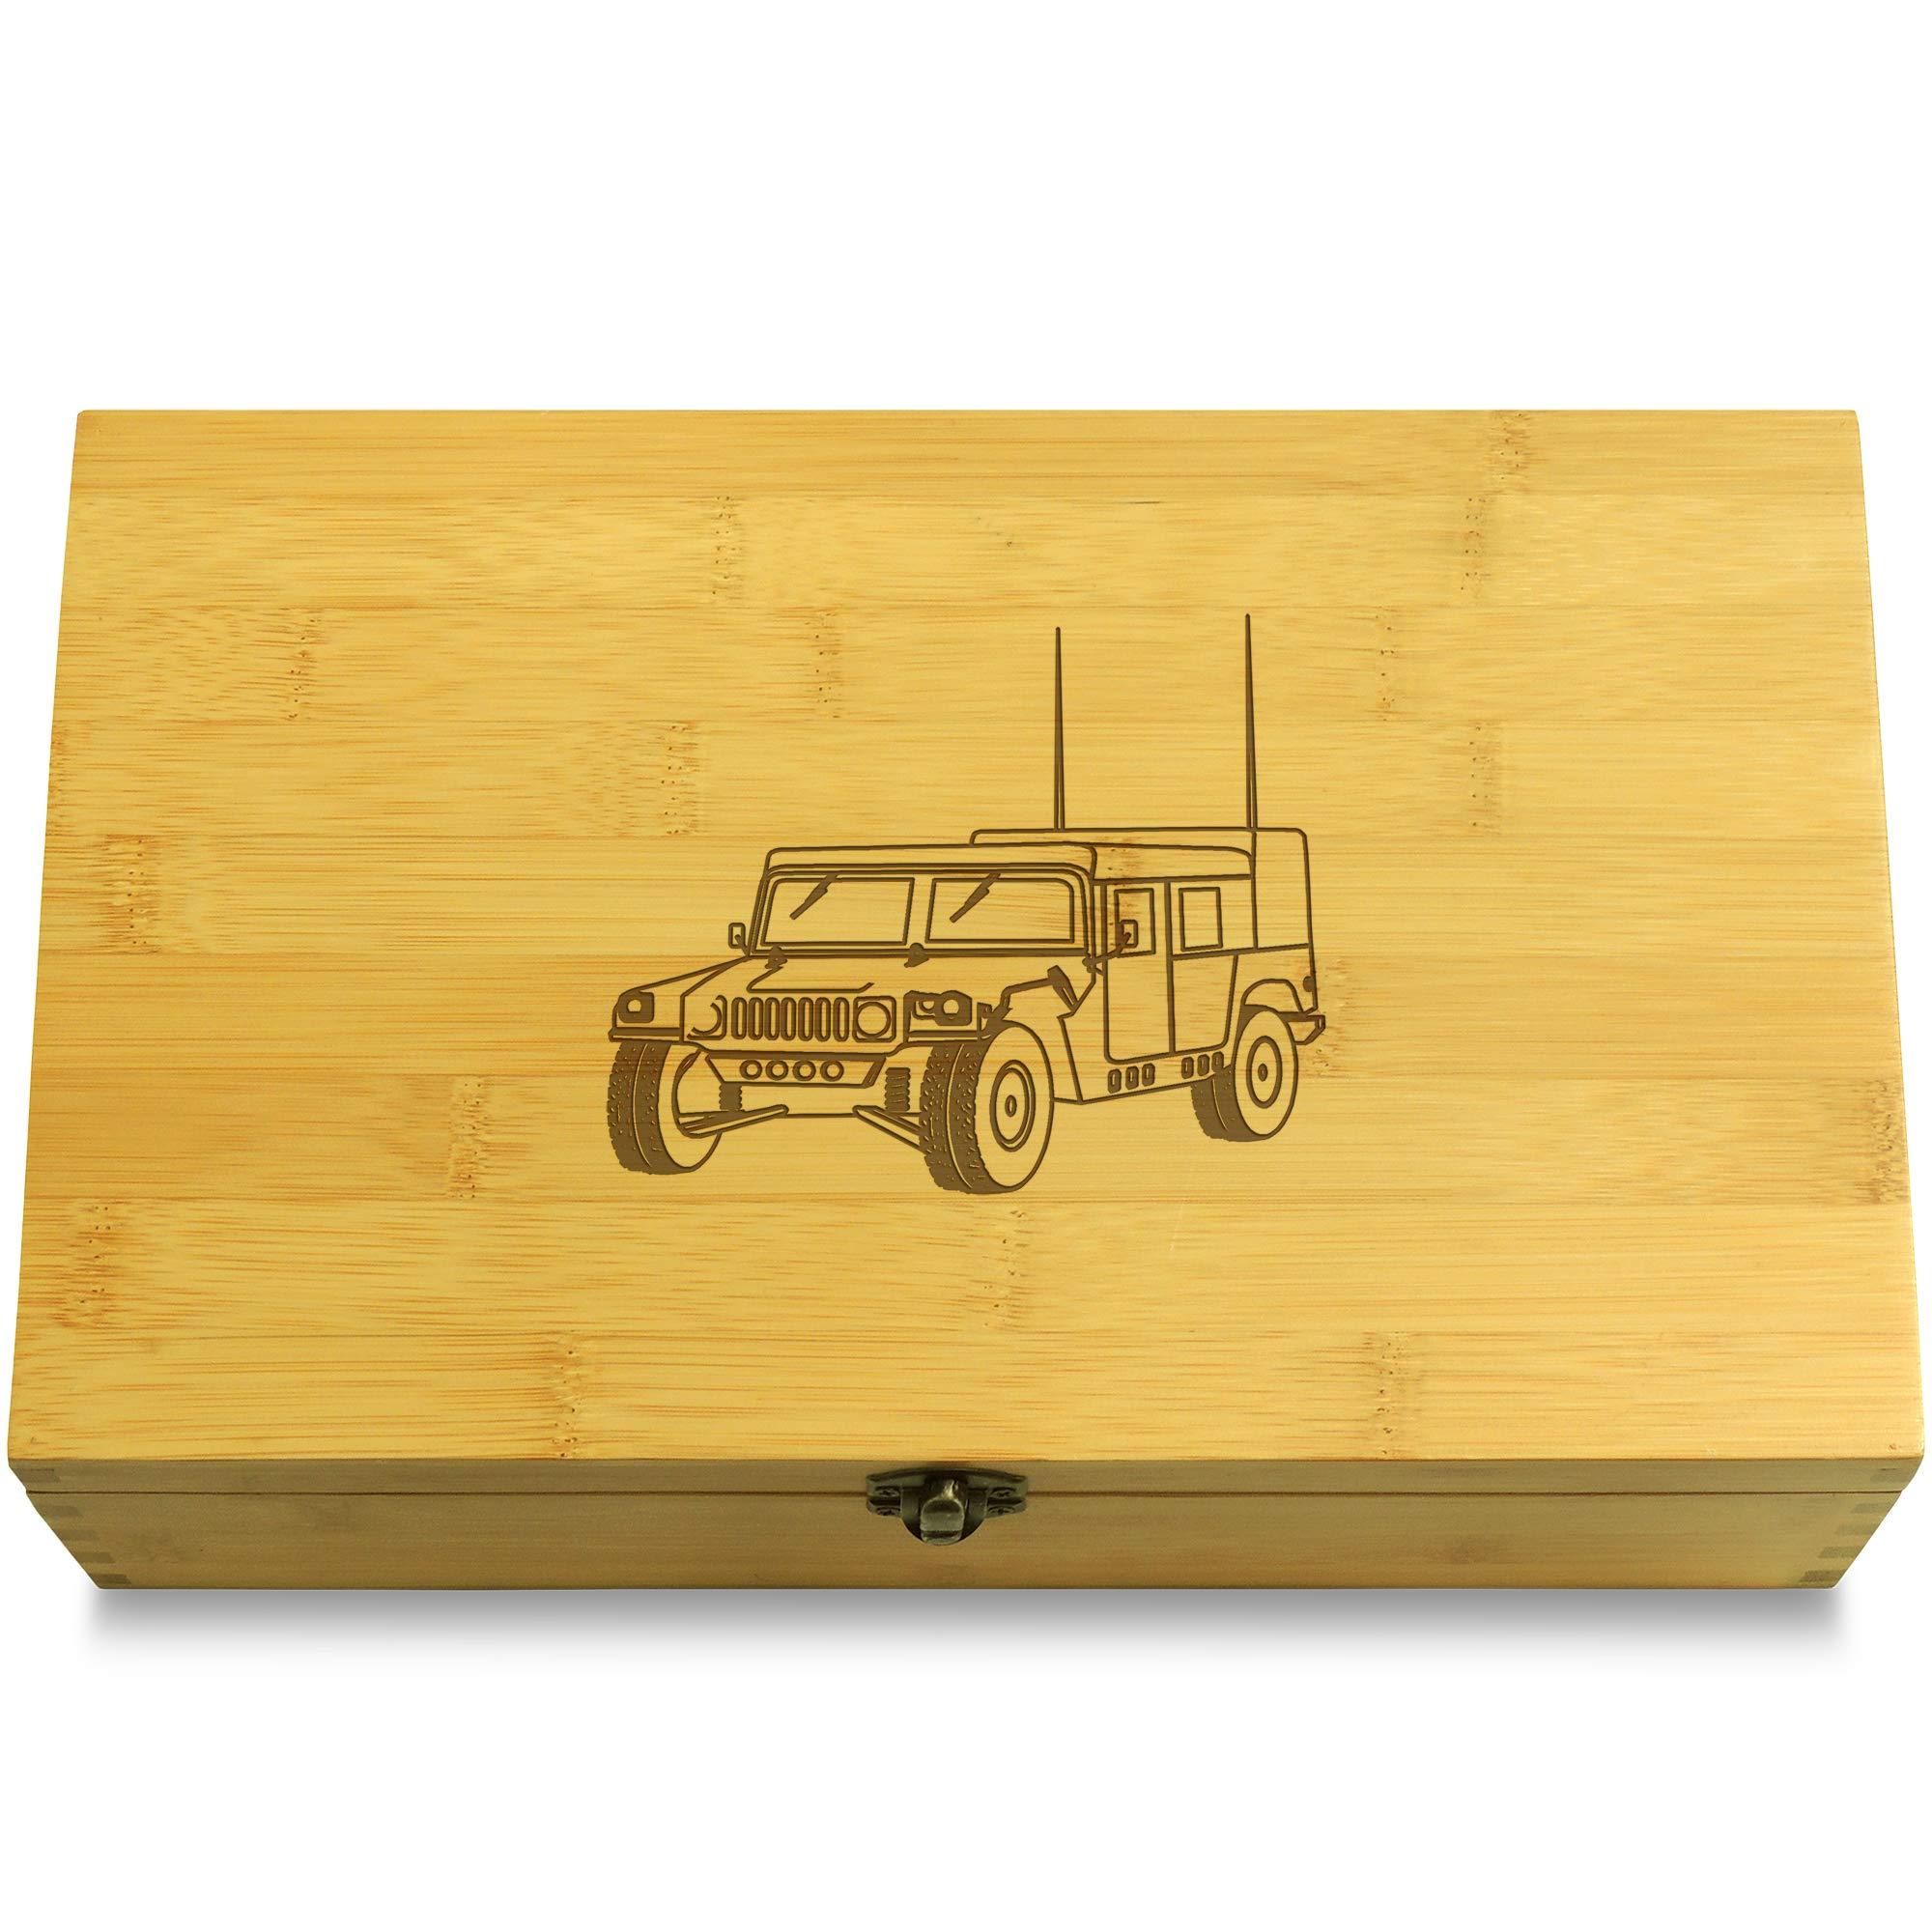 Cookbook People Humvee Army Truck Car Multikeep Box - Keepsake Wood Adjustable Organizer